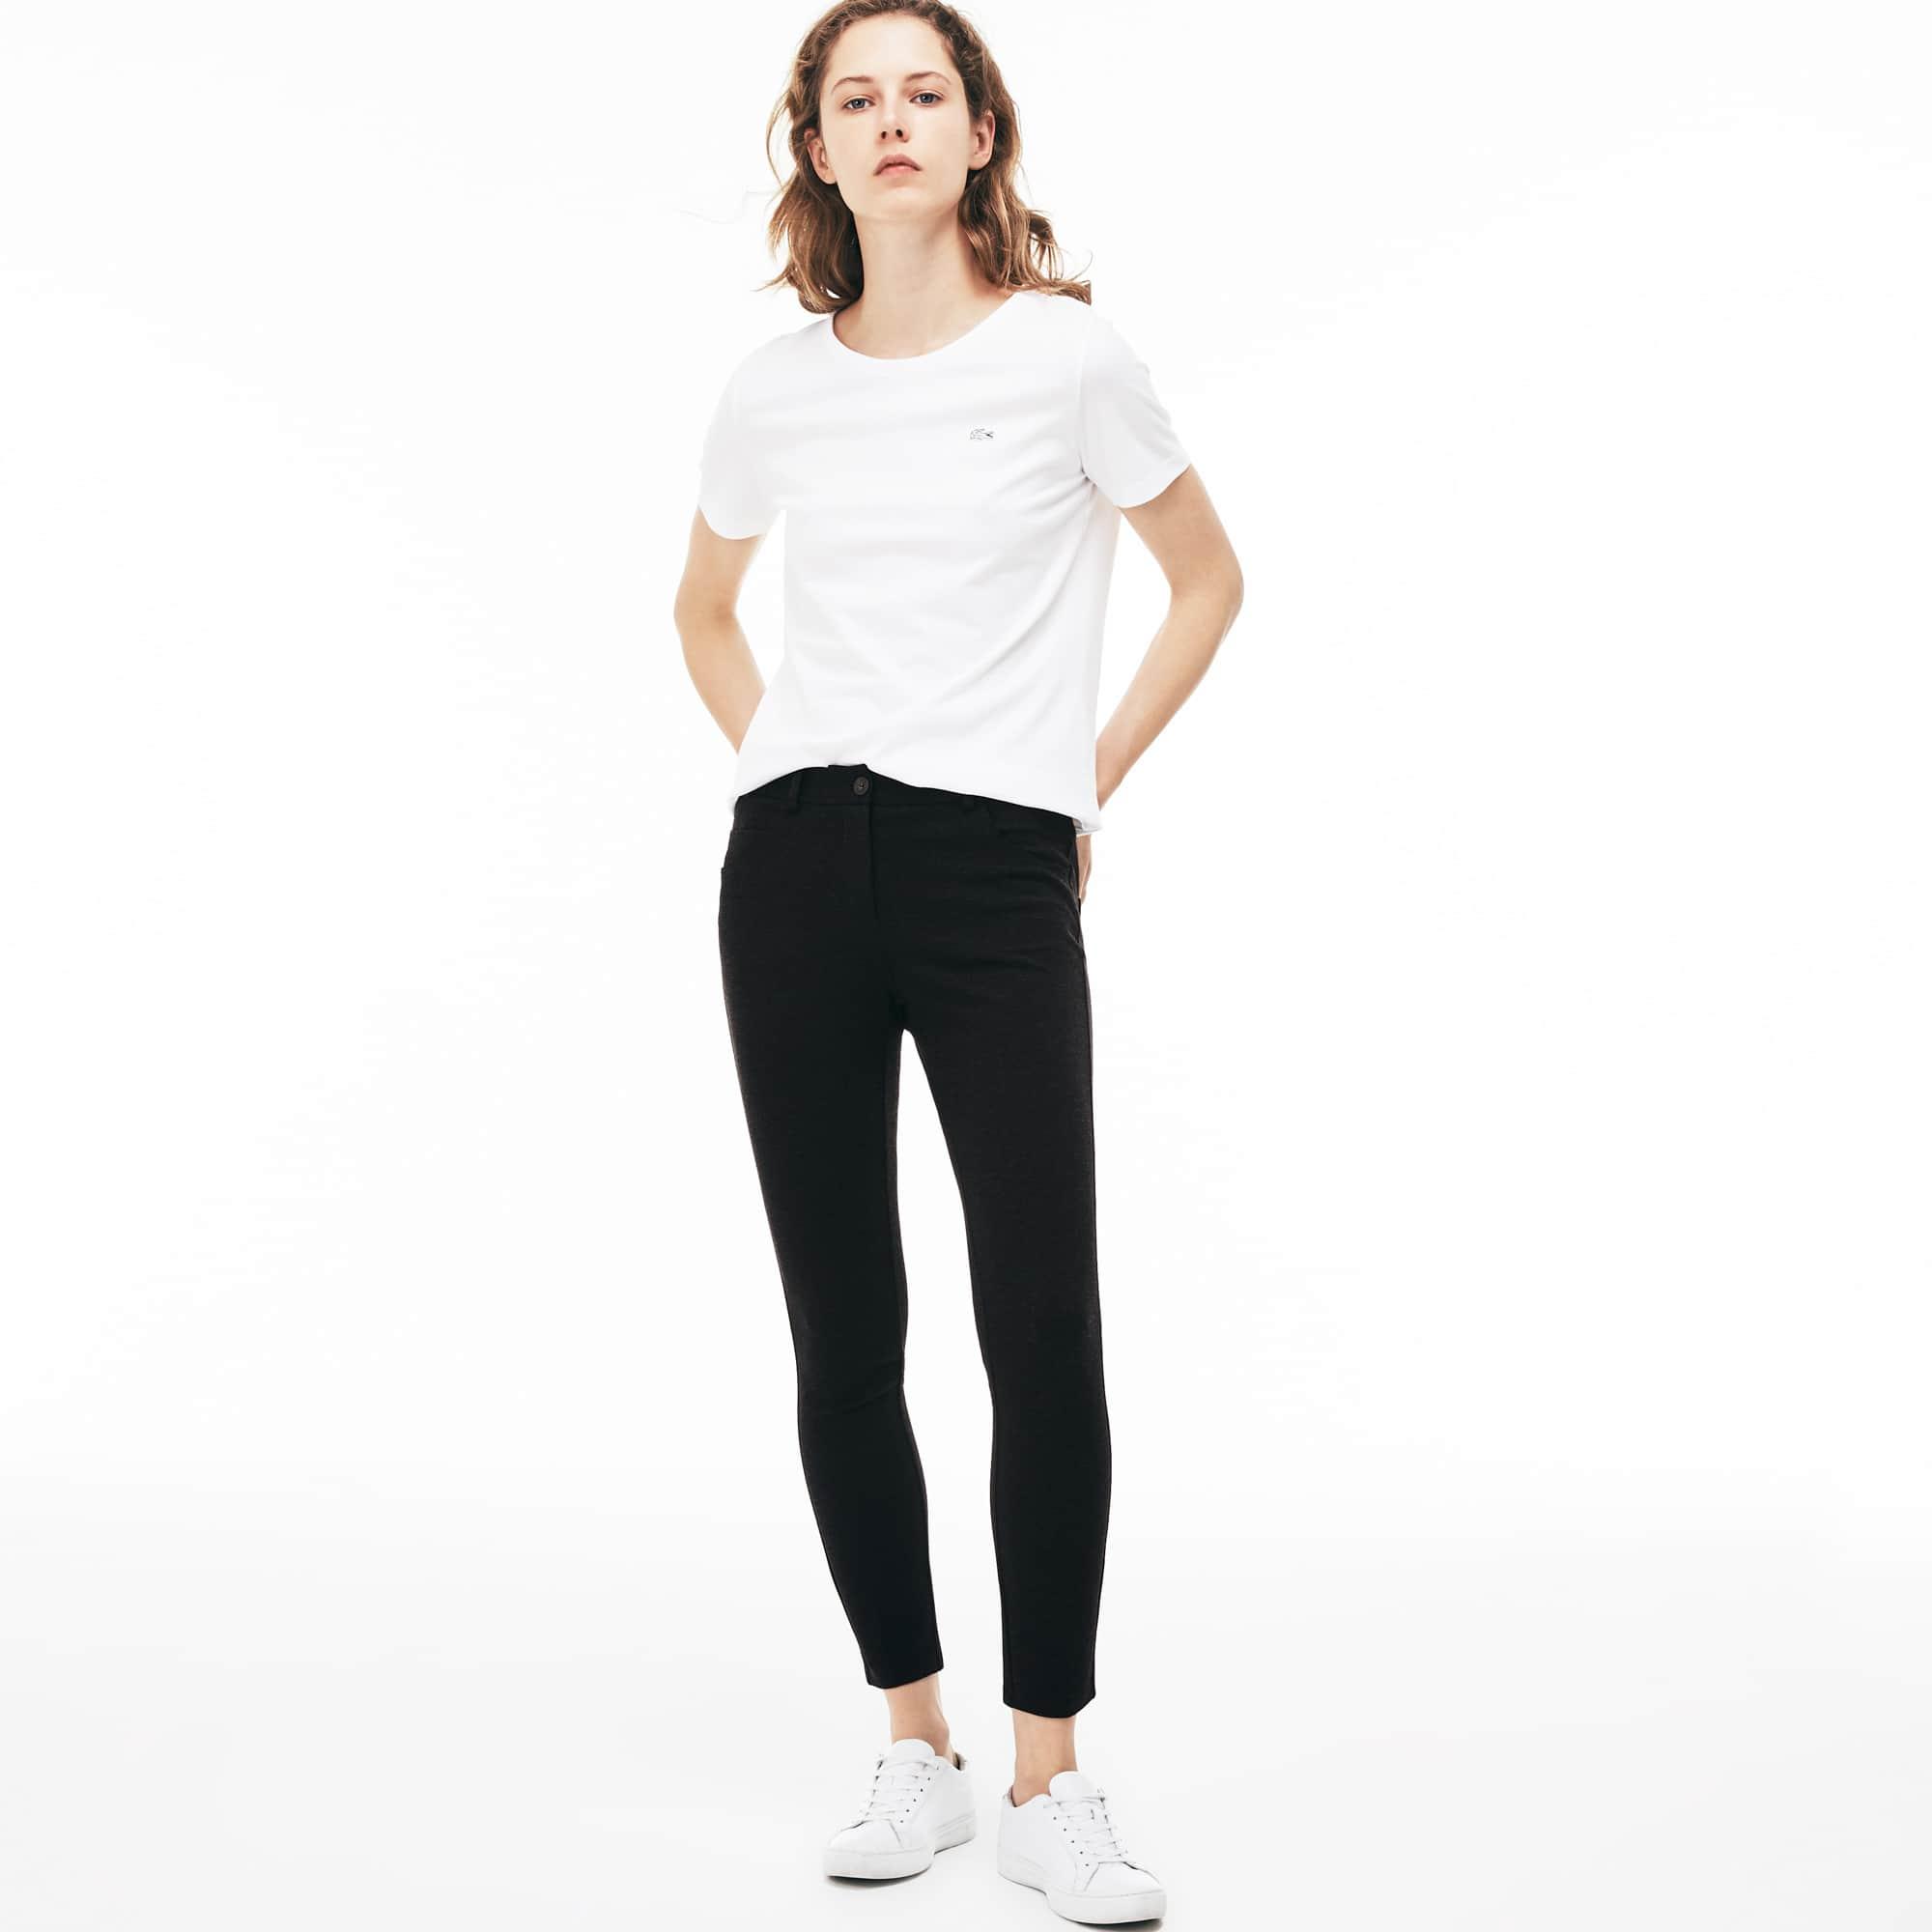 Damen-Stretchhose mit fünf Taschen in Milano-Strick